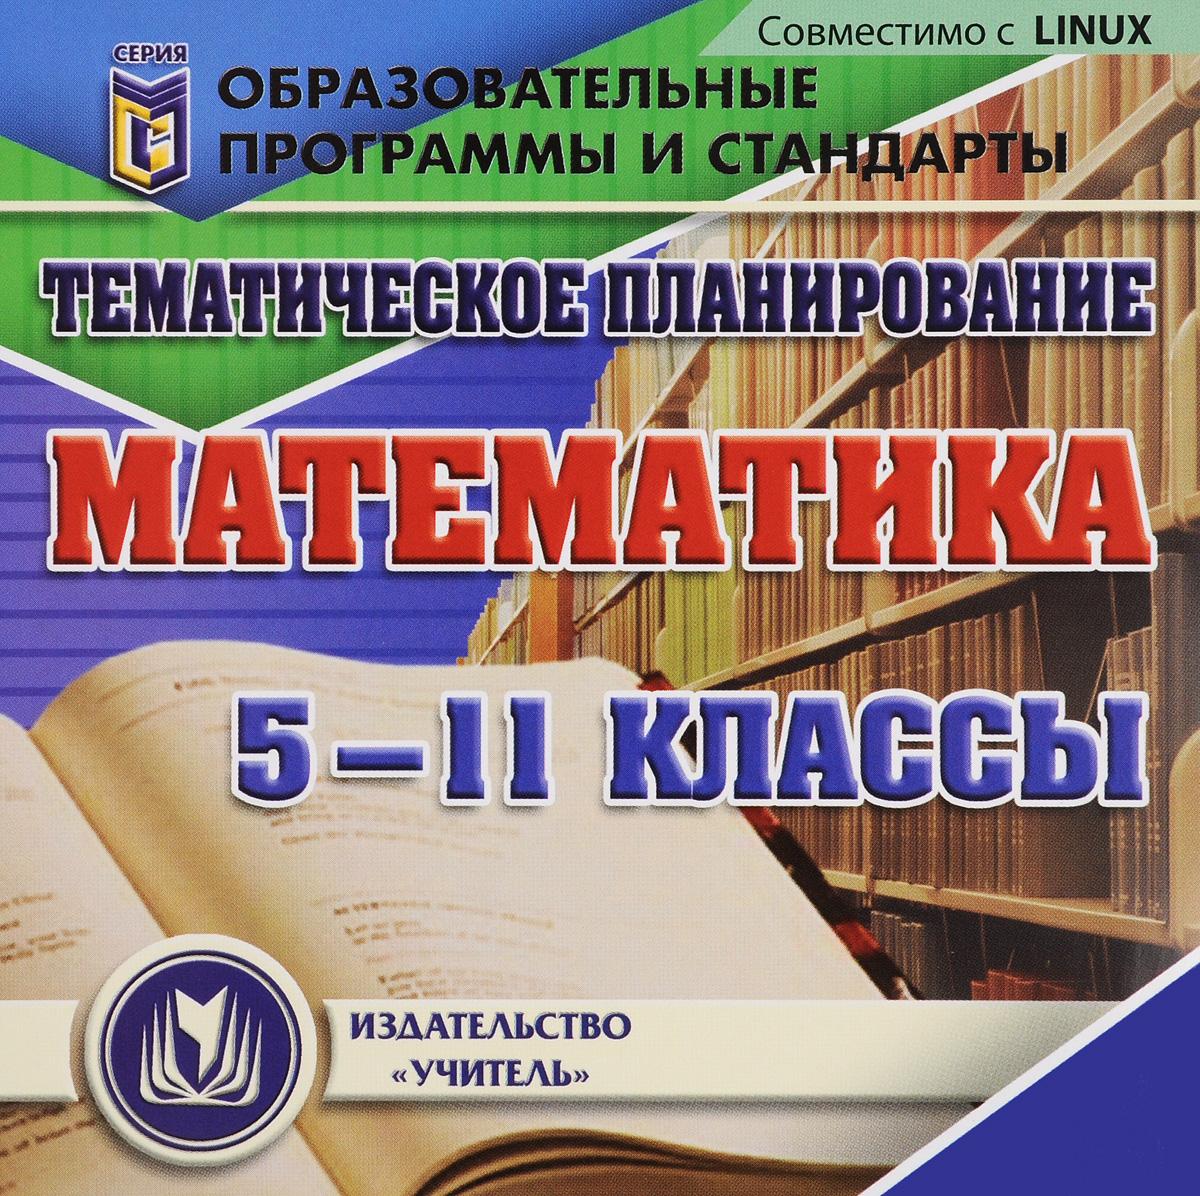 Тематическое планирование. Математика. 5-11 классы